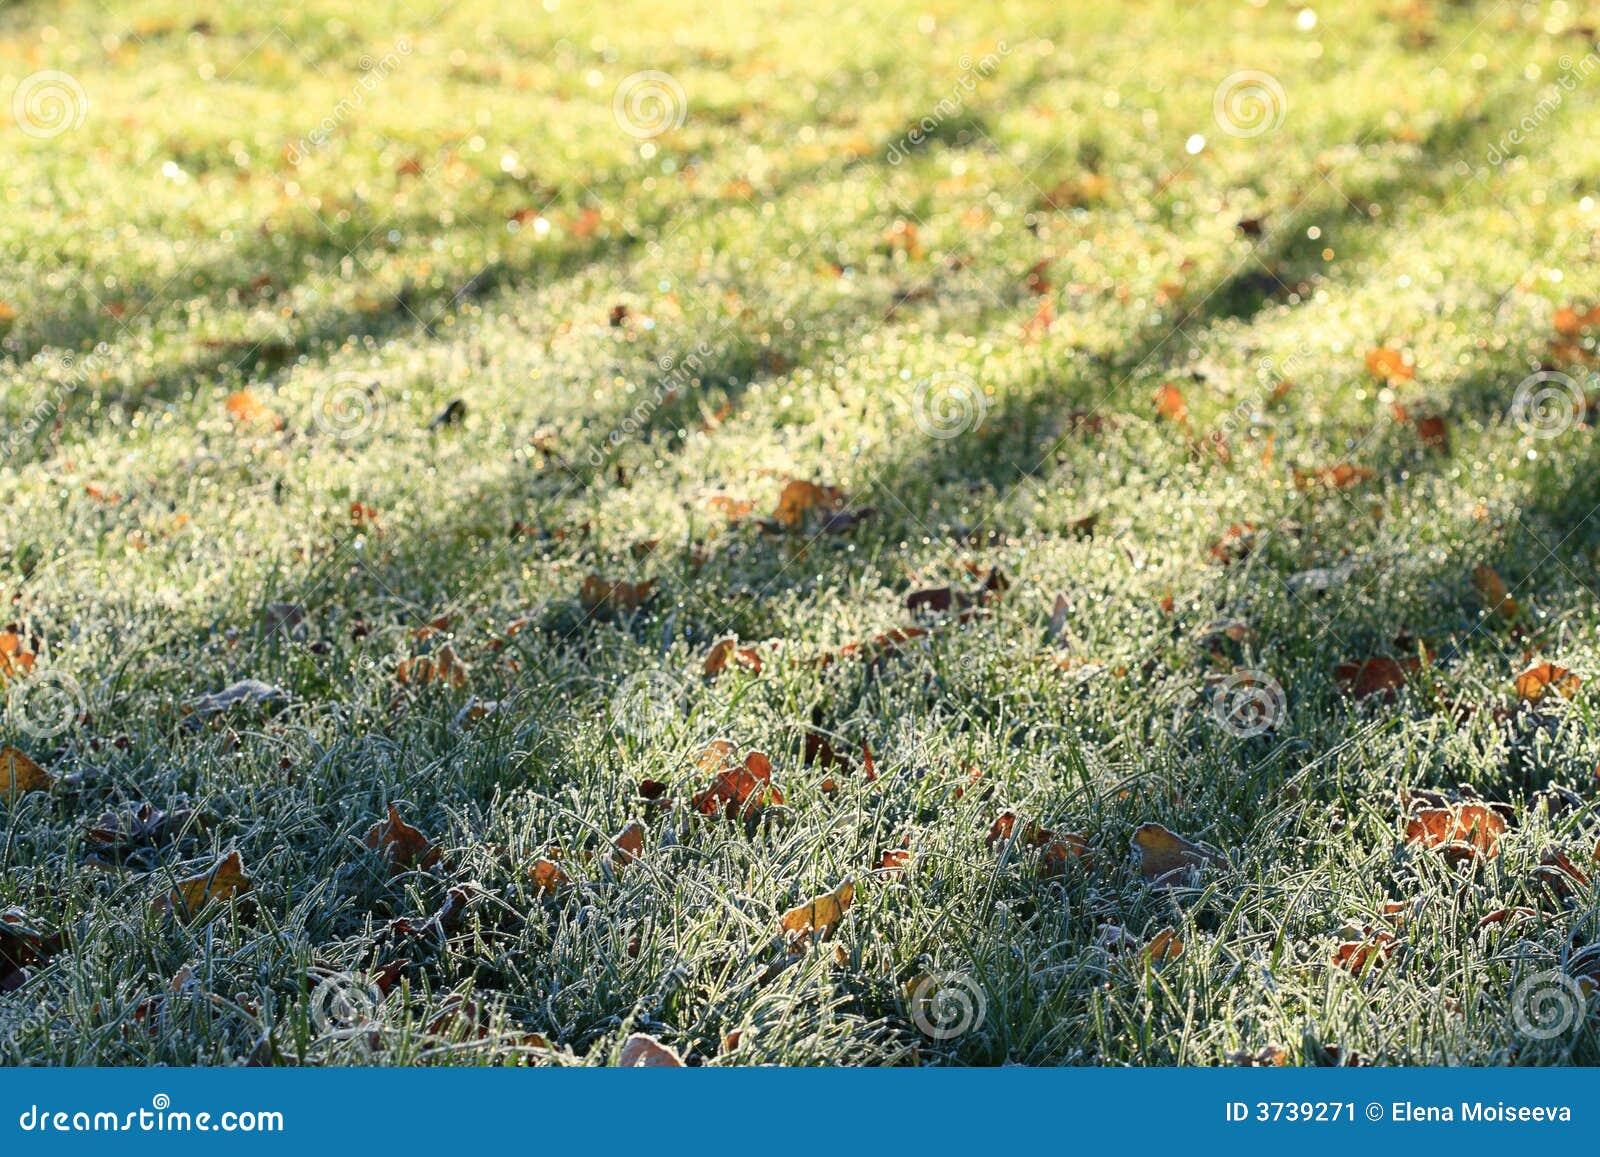 field grass green hoarfrost winter ...